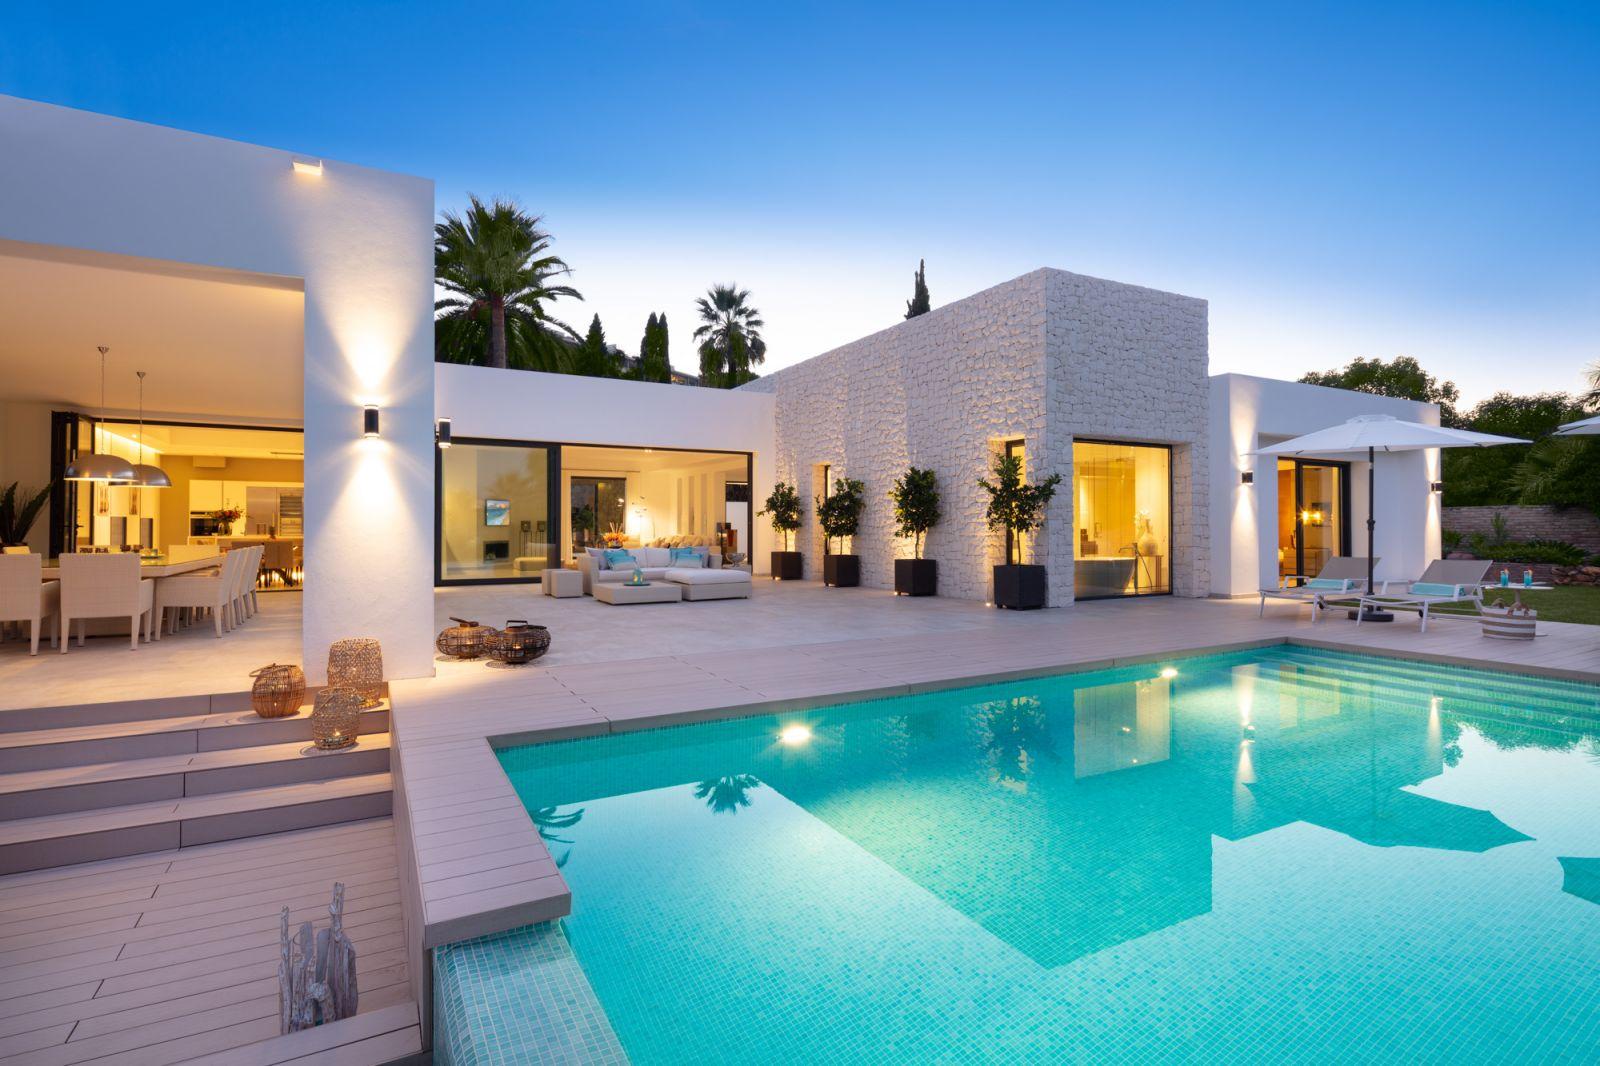 Villa Brisas 24 Marbella Your Move Spain